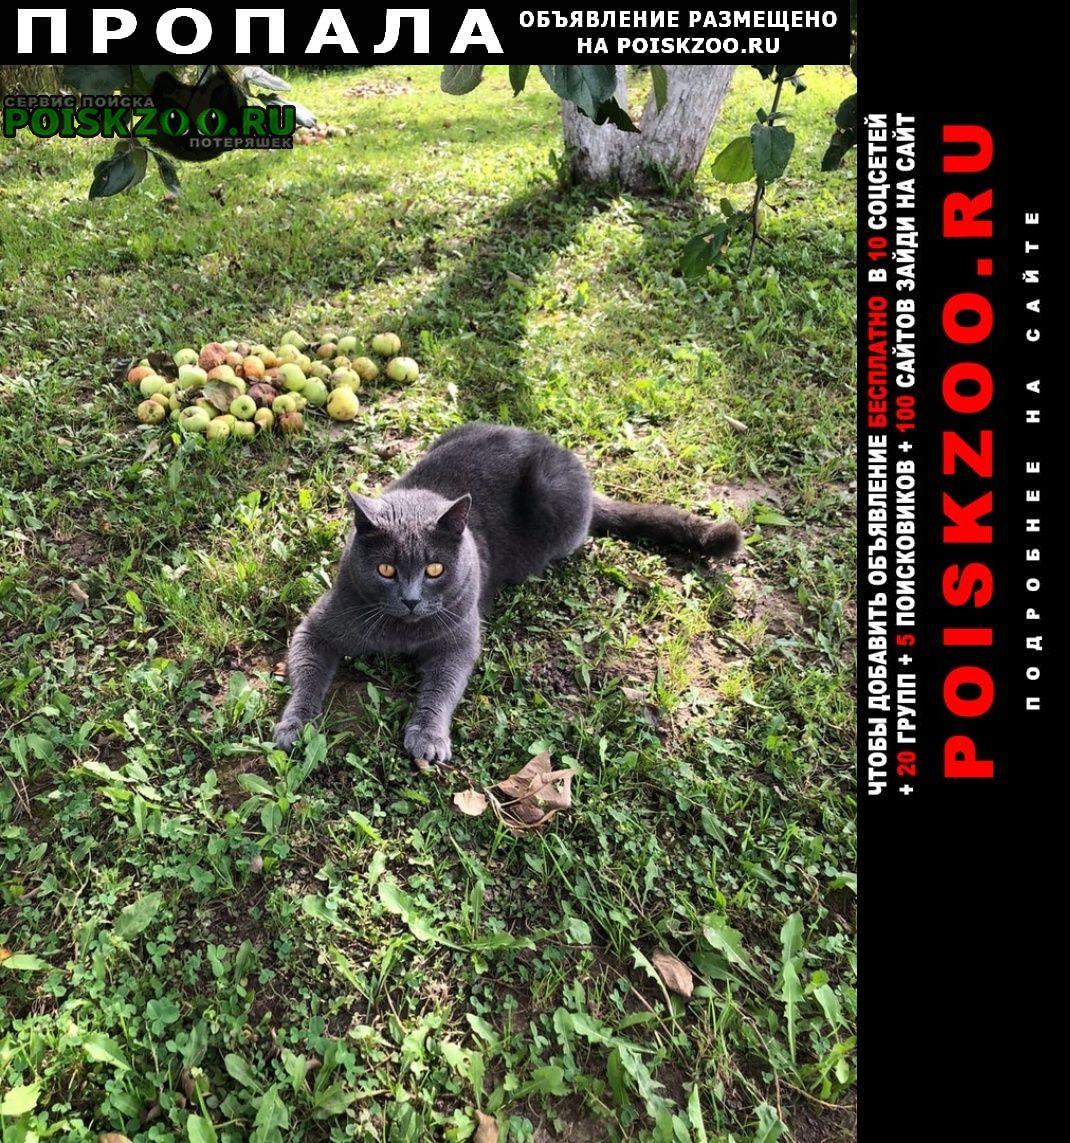 Нижний Новгород Пропала кошка британец